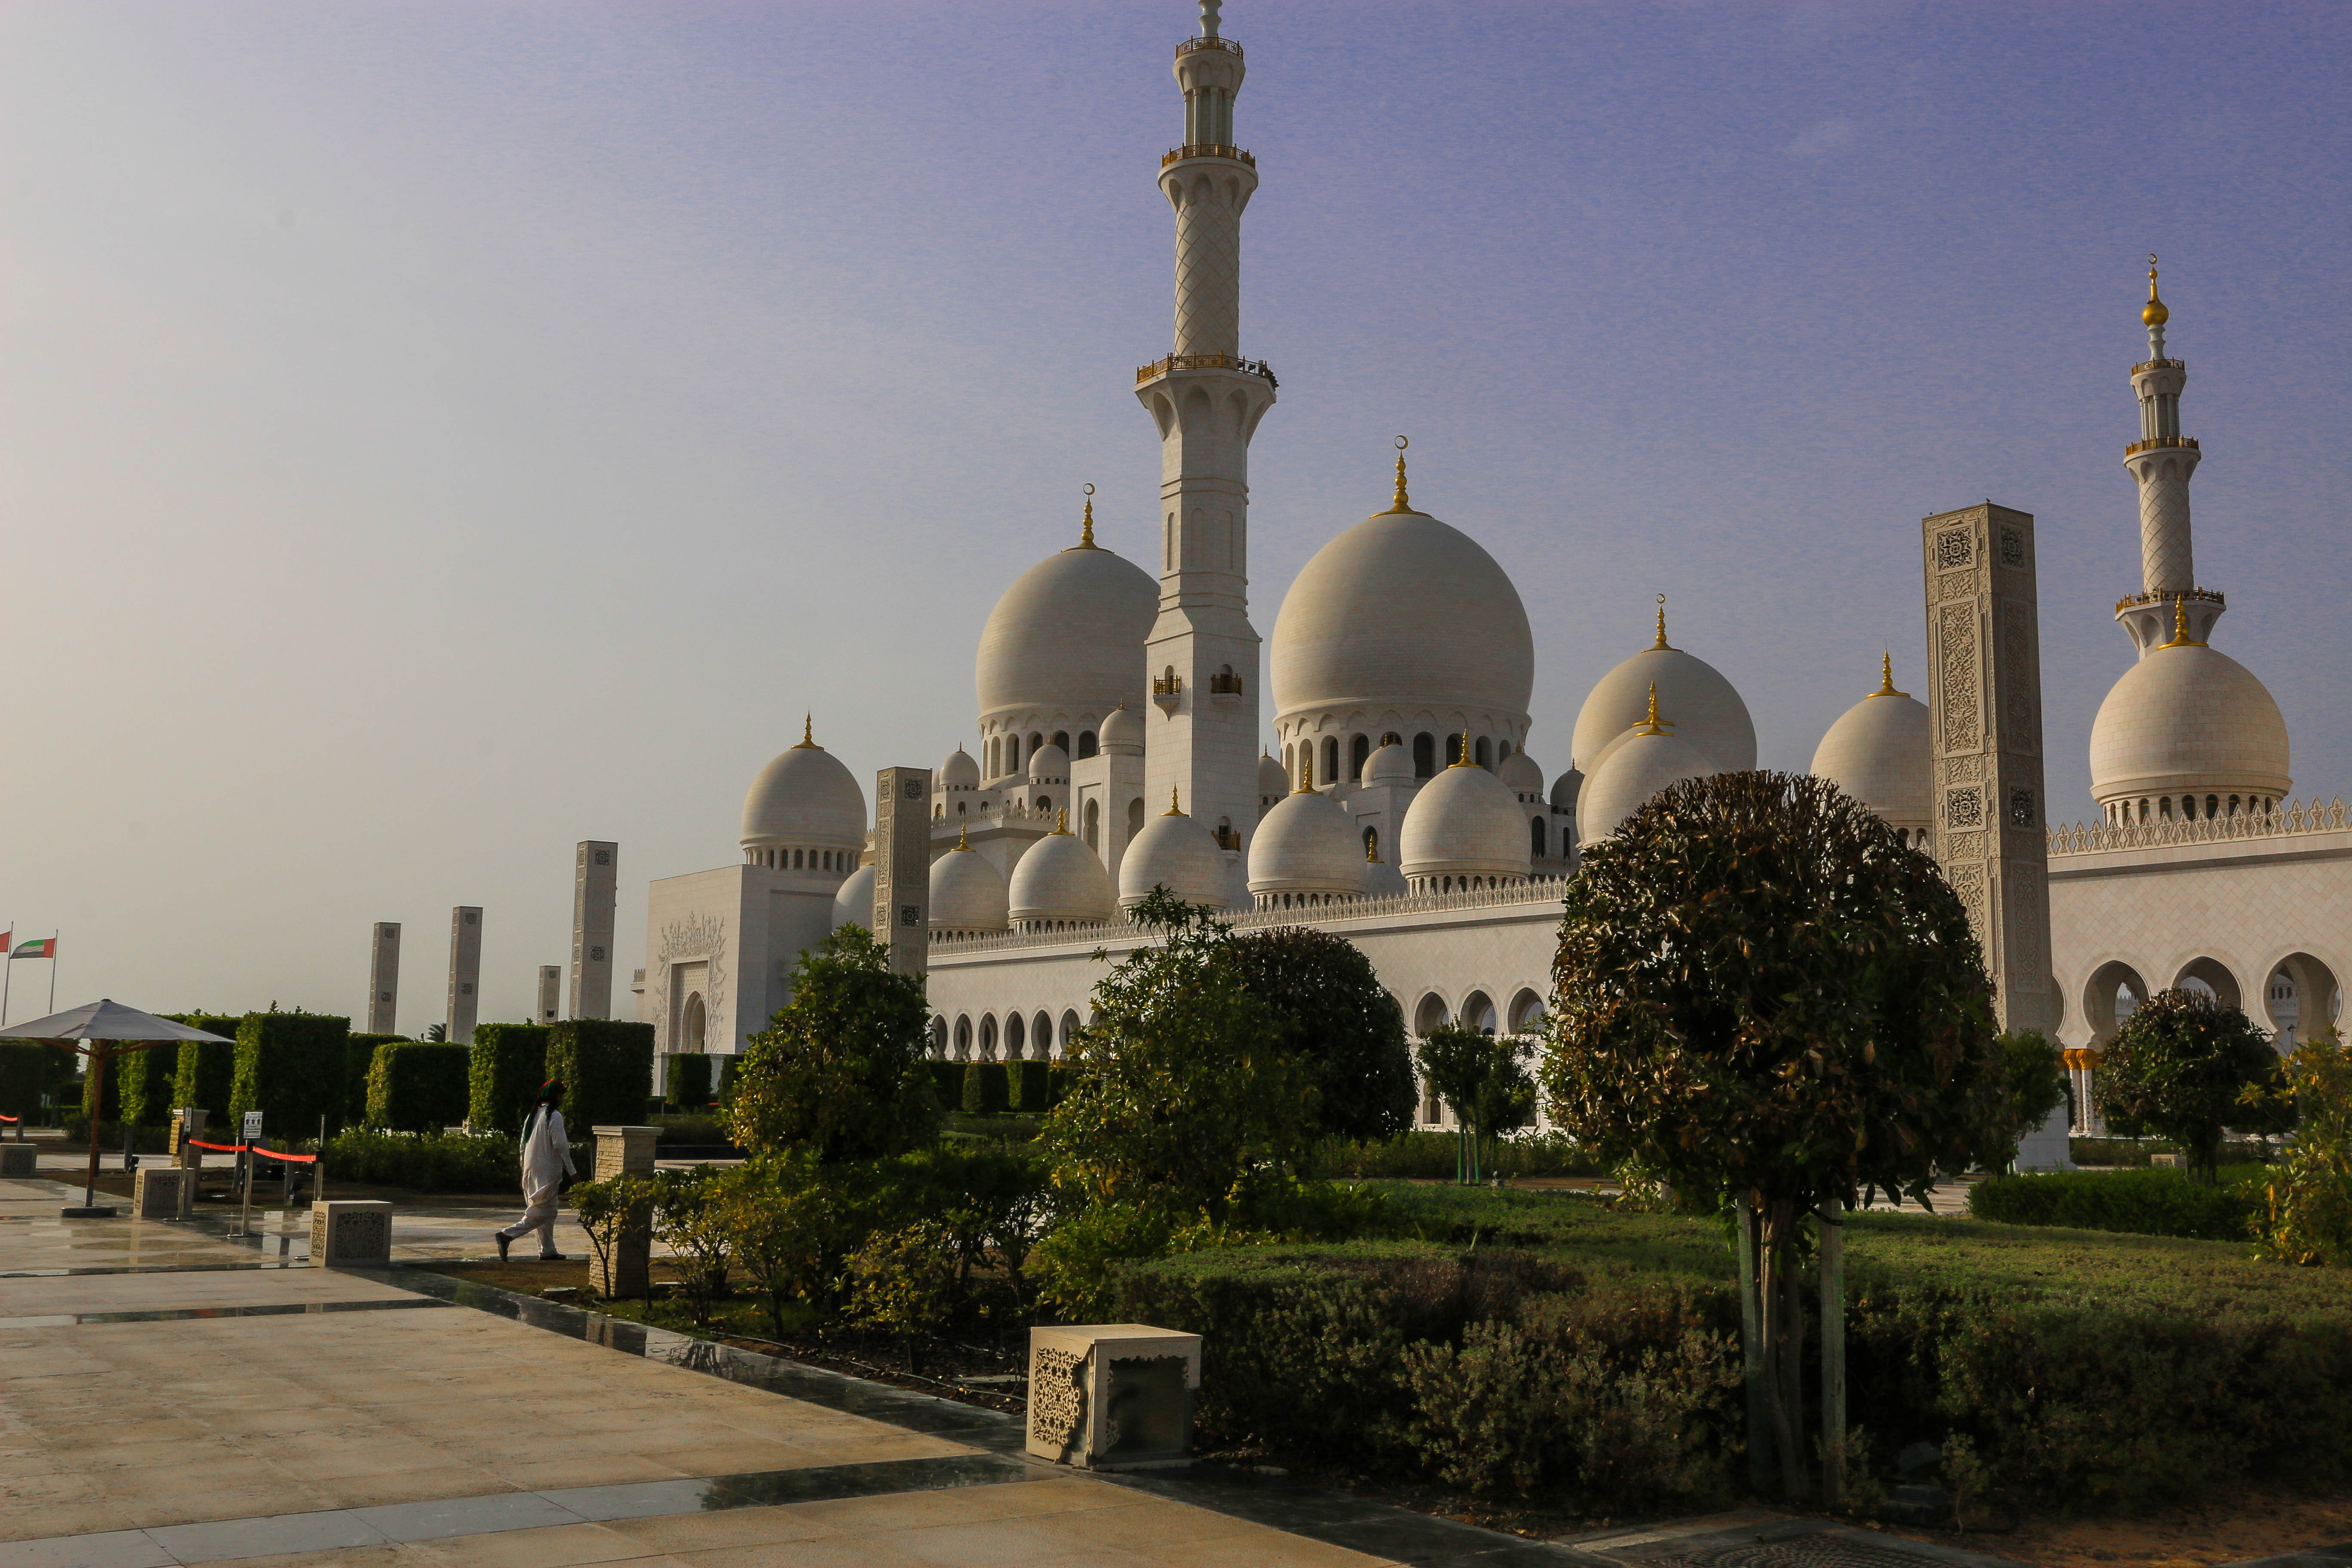 迪拜+阿布扎比5日跟团游(5钻)·JW万豪*范思哲*阿玛尼*678星*沙漠皇宫*任选